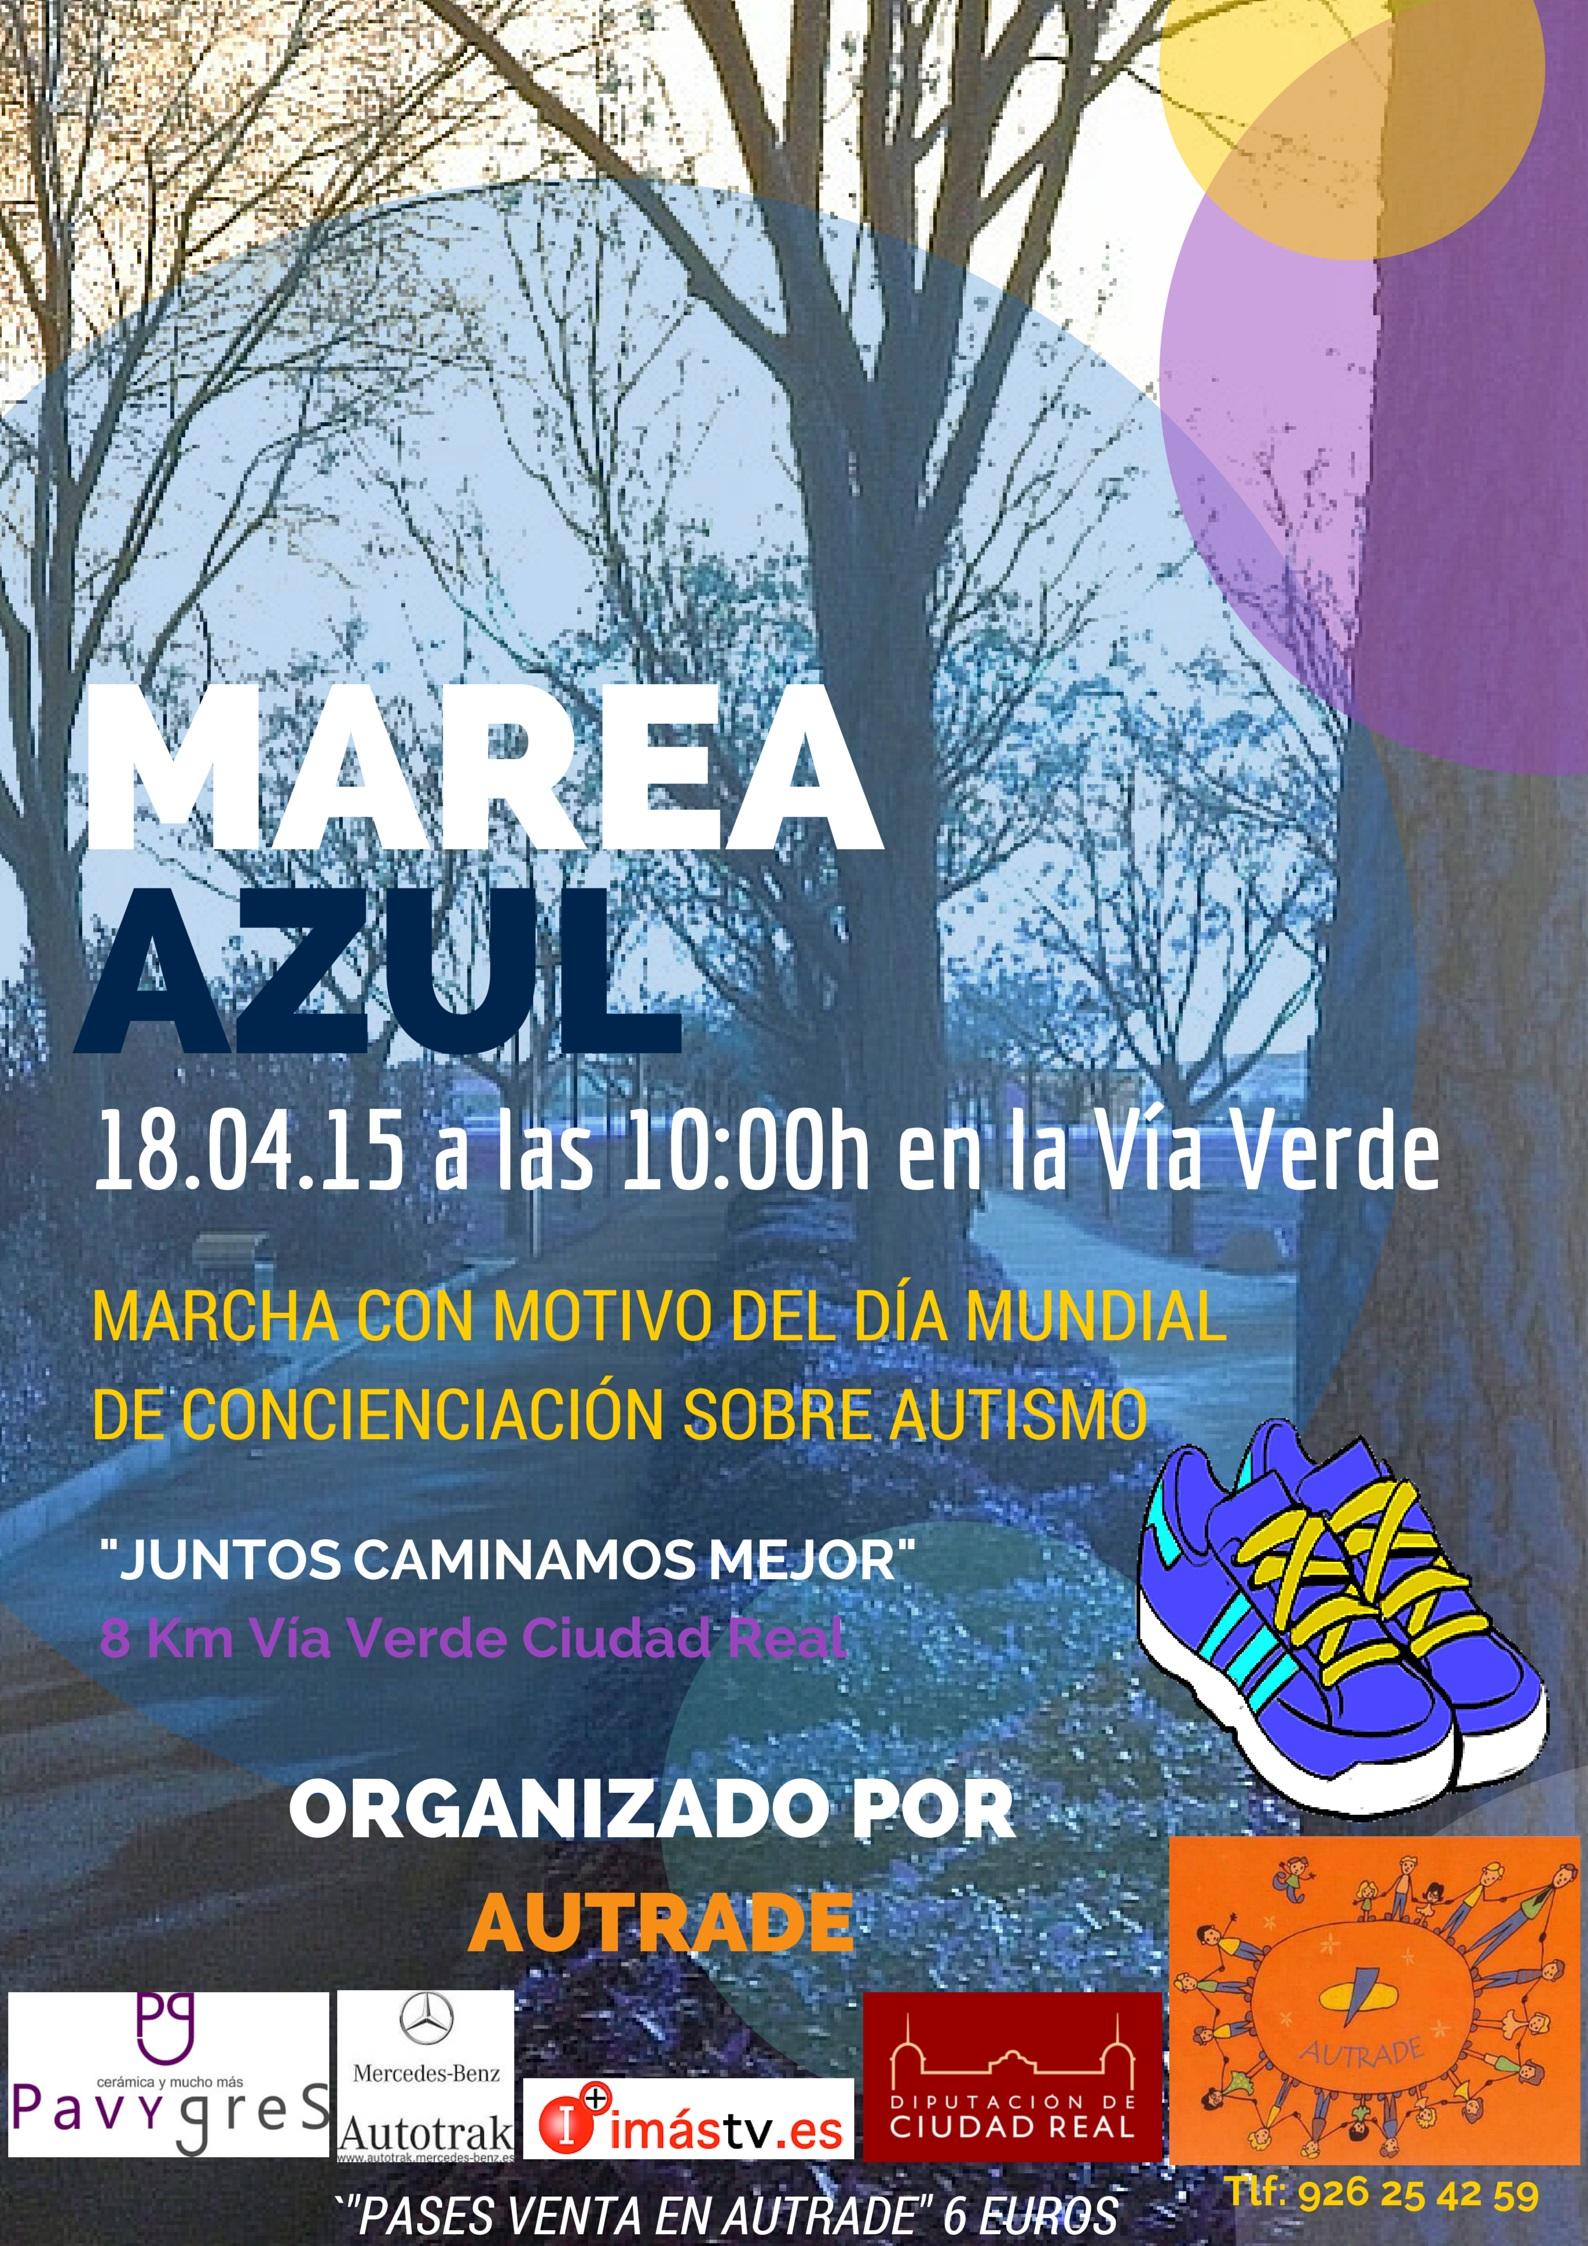 MAREA AZUL